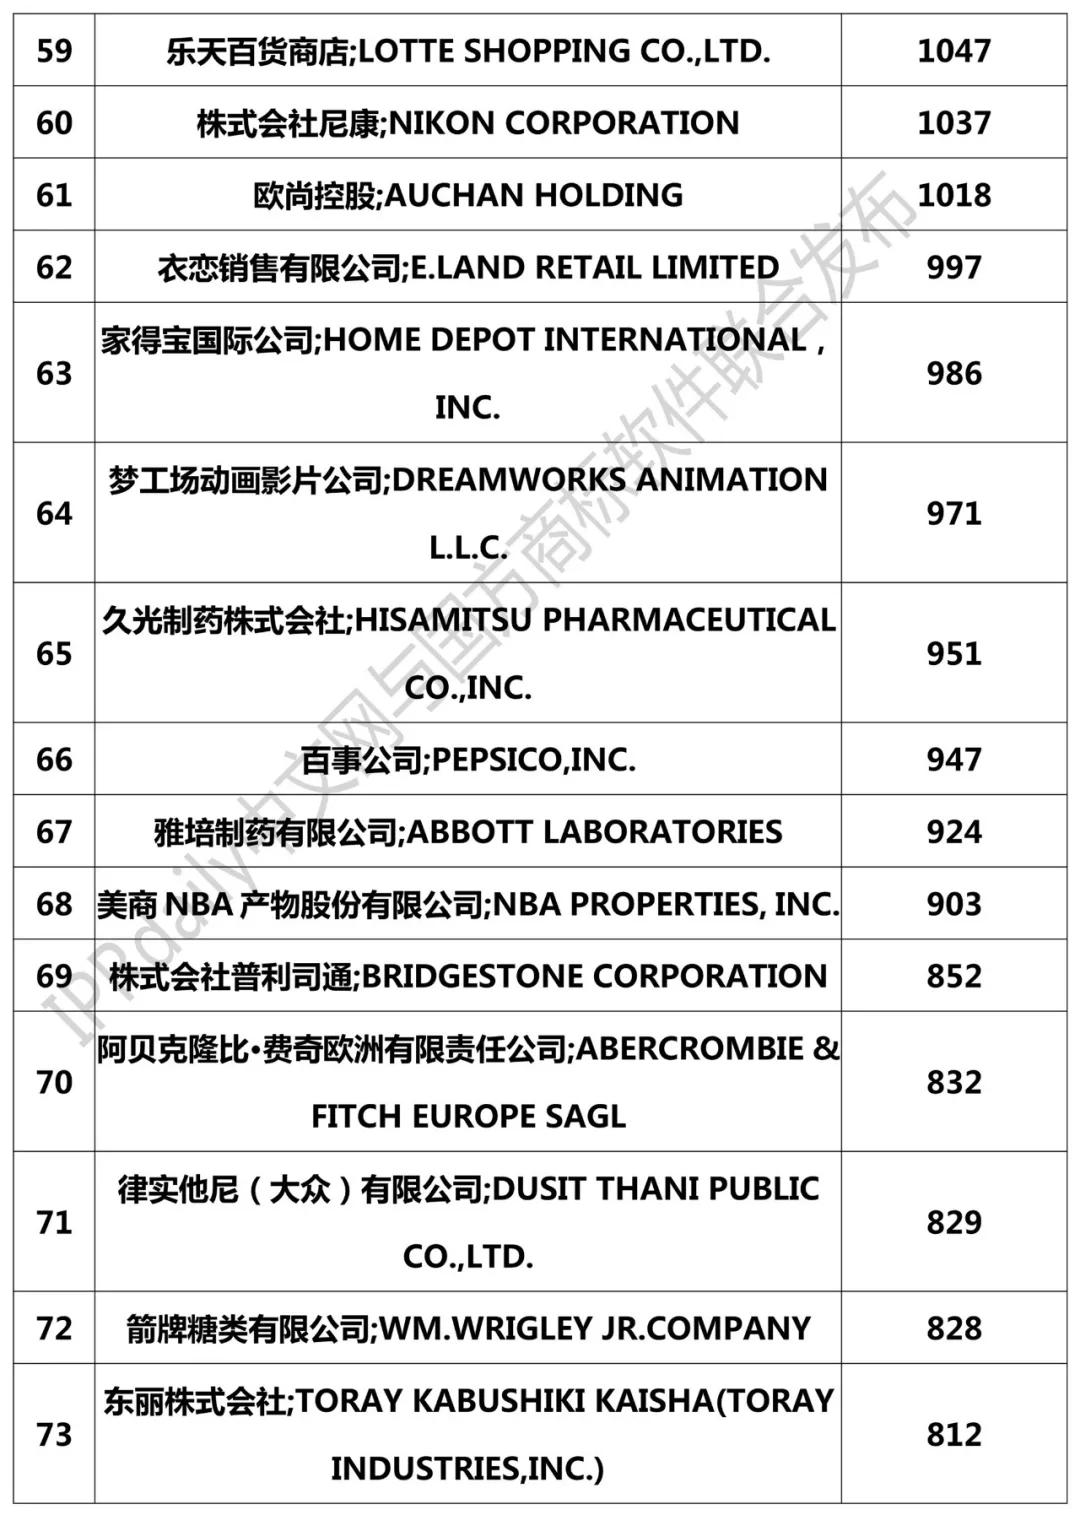 2018年国外企业确权商标持有量排行榜(TOP100)